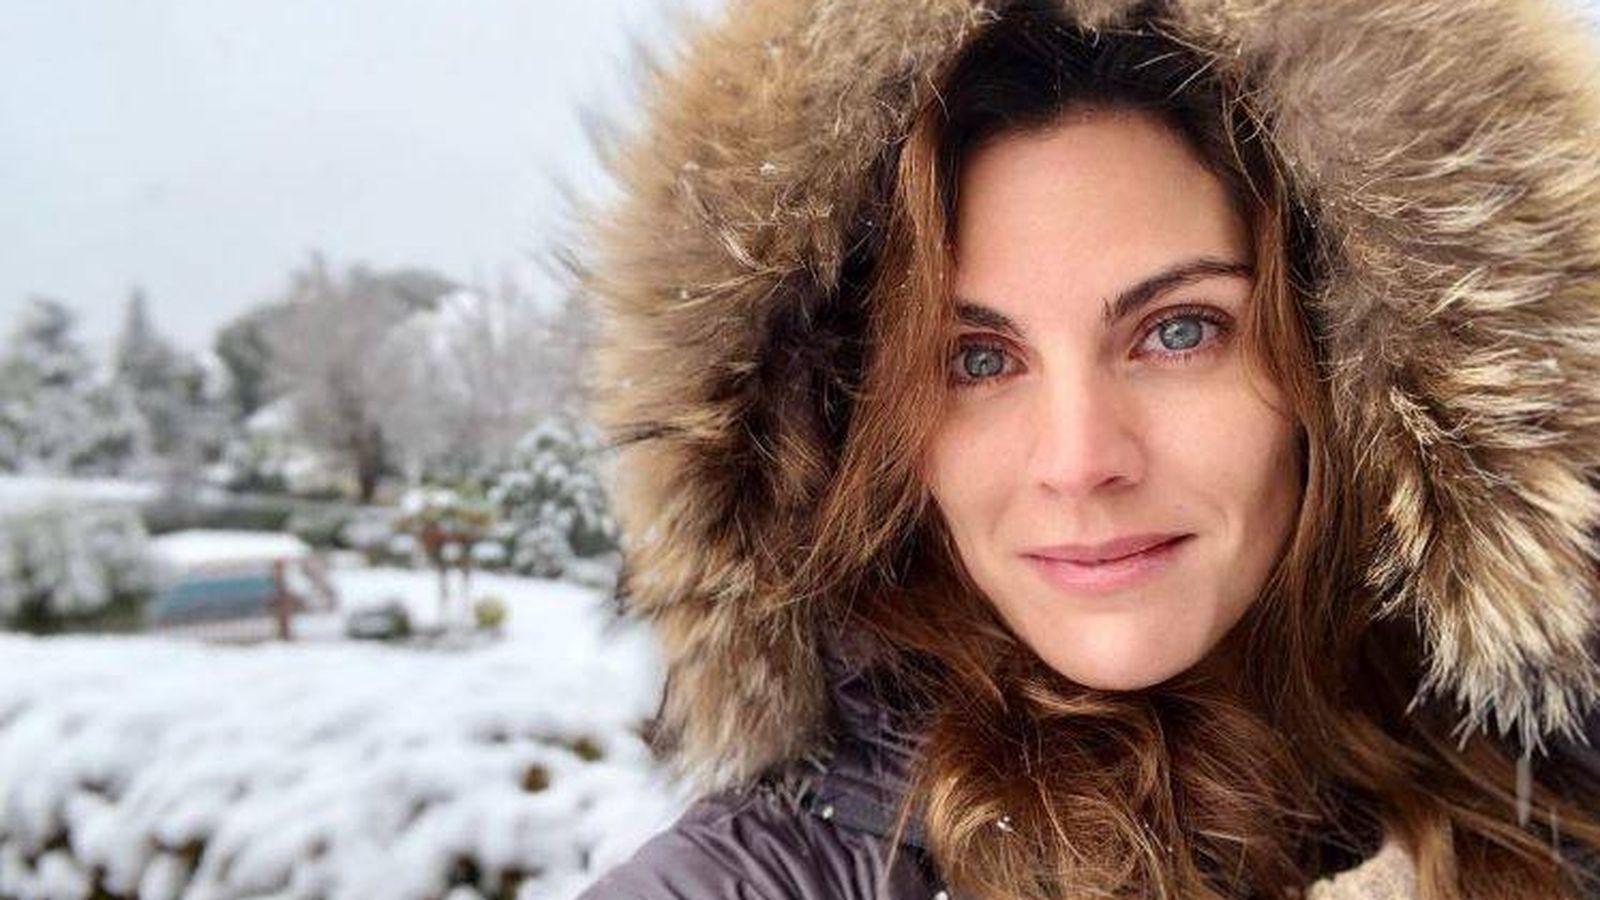 Foto: La actriz Amaia Salamanca en una imagen de su perfil de Instagram.